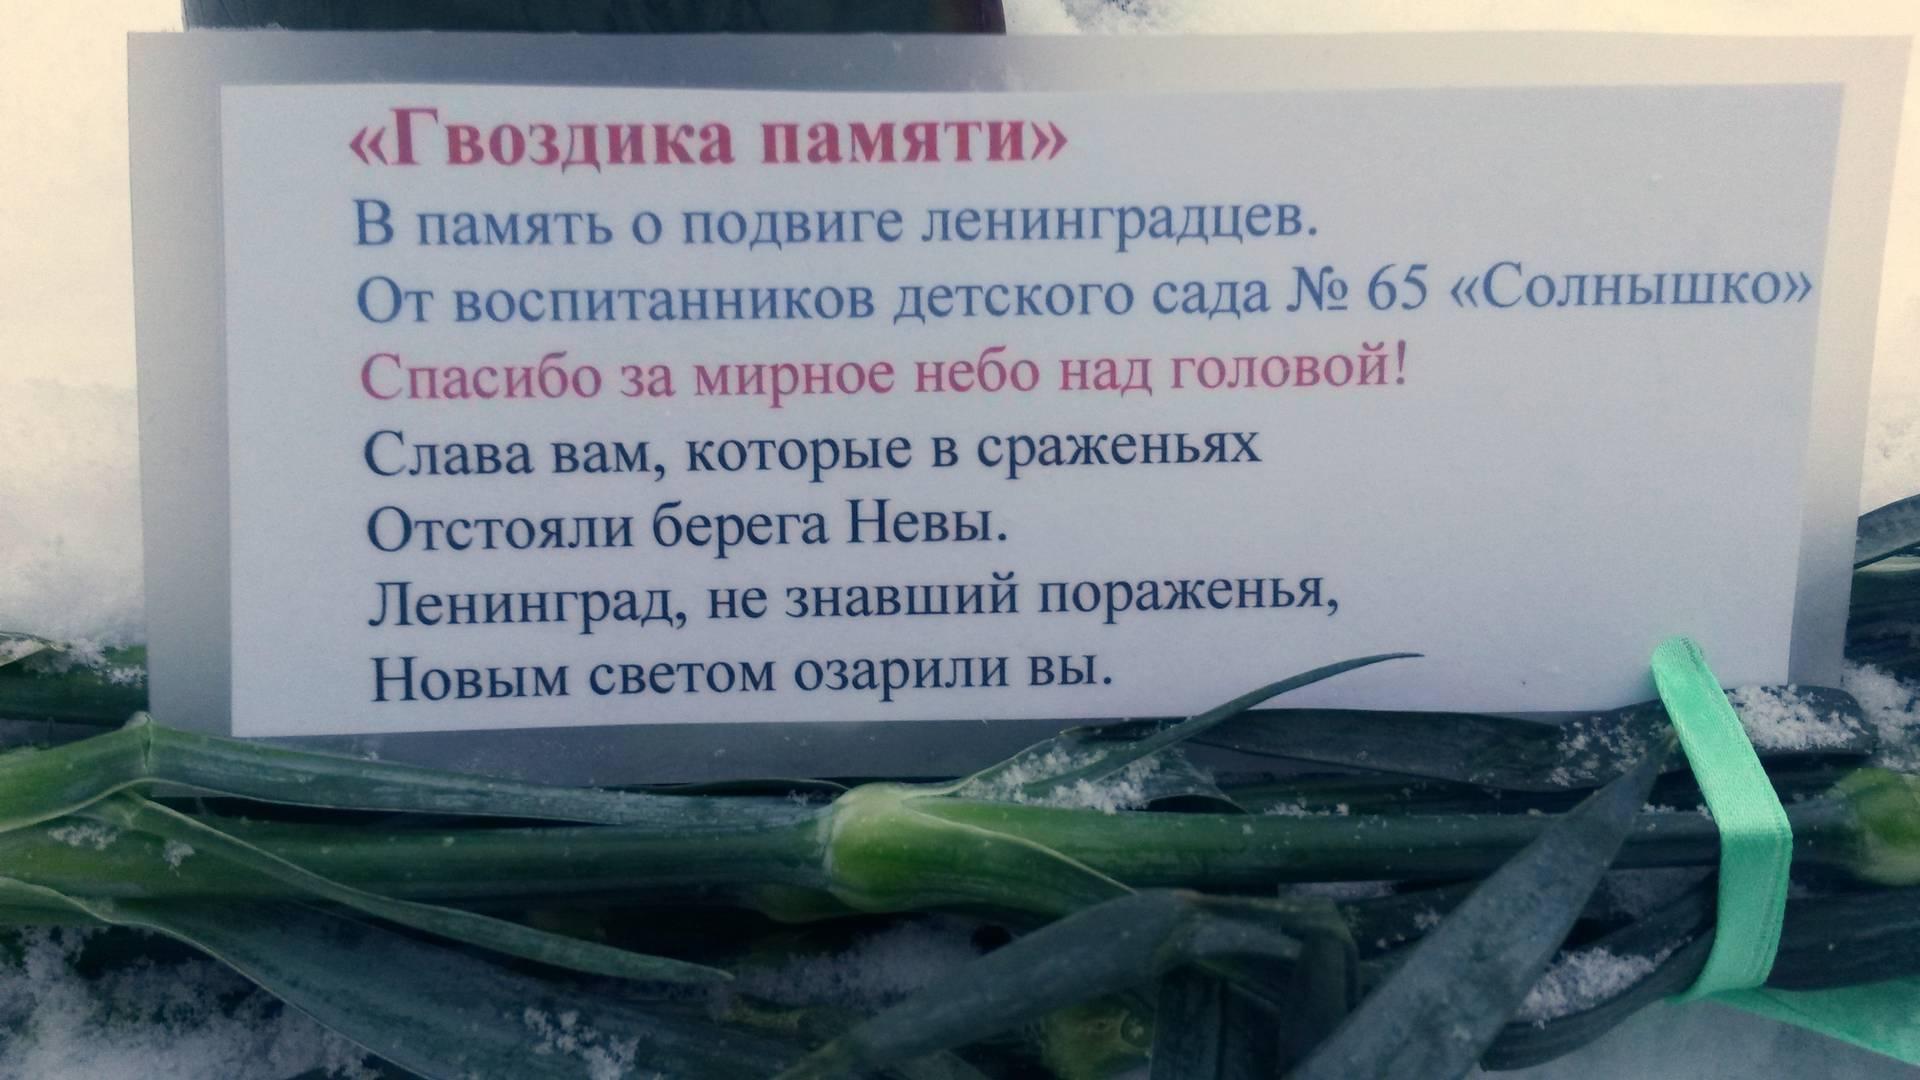 Букет гвоздик от воспитанников детского сада №65